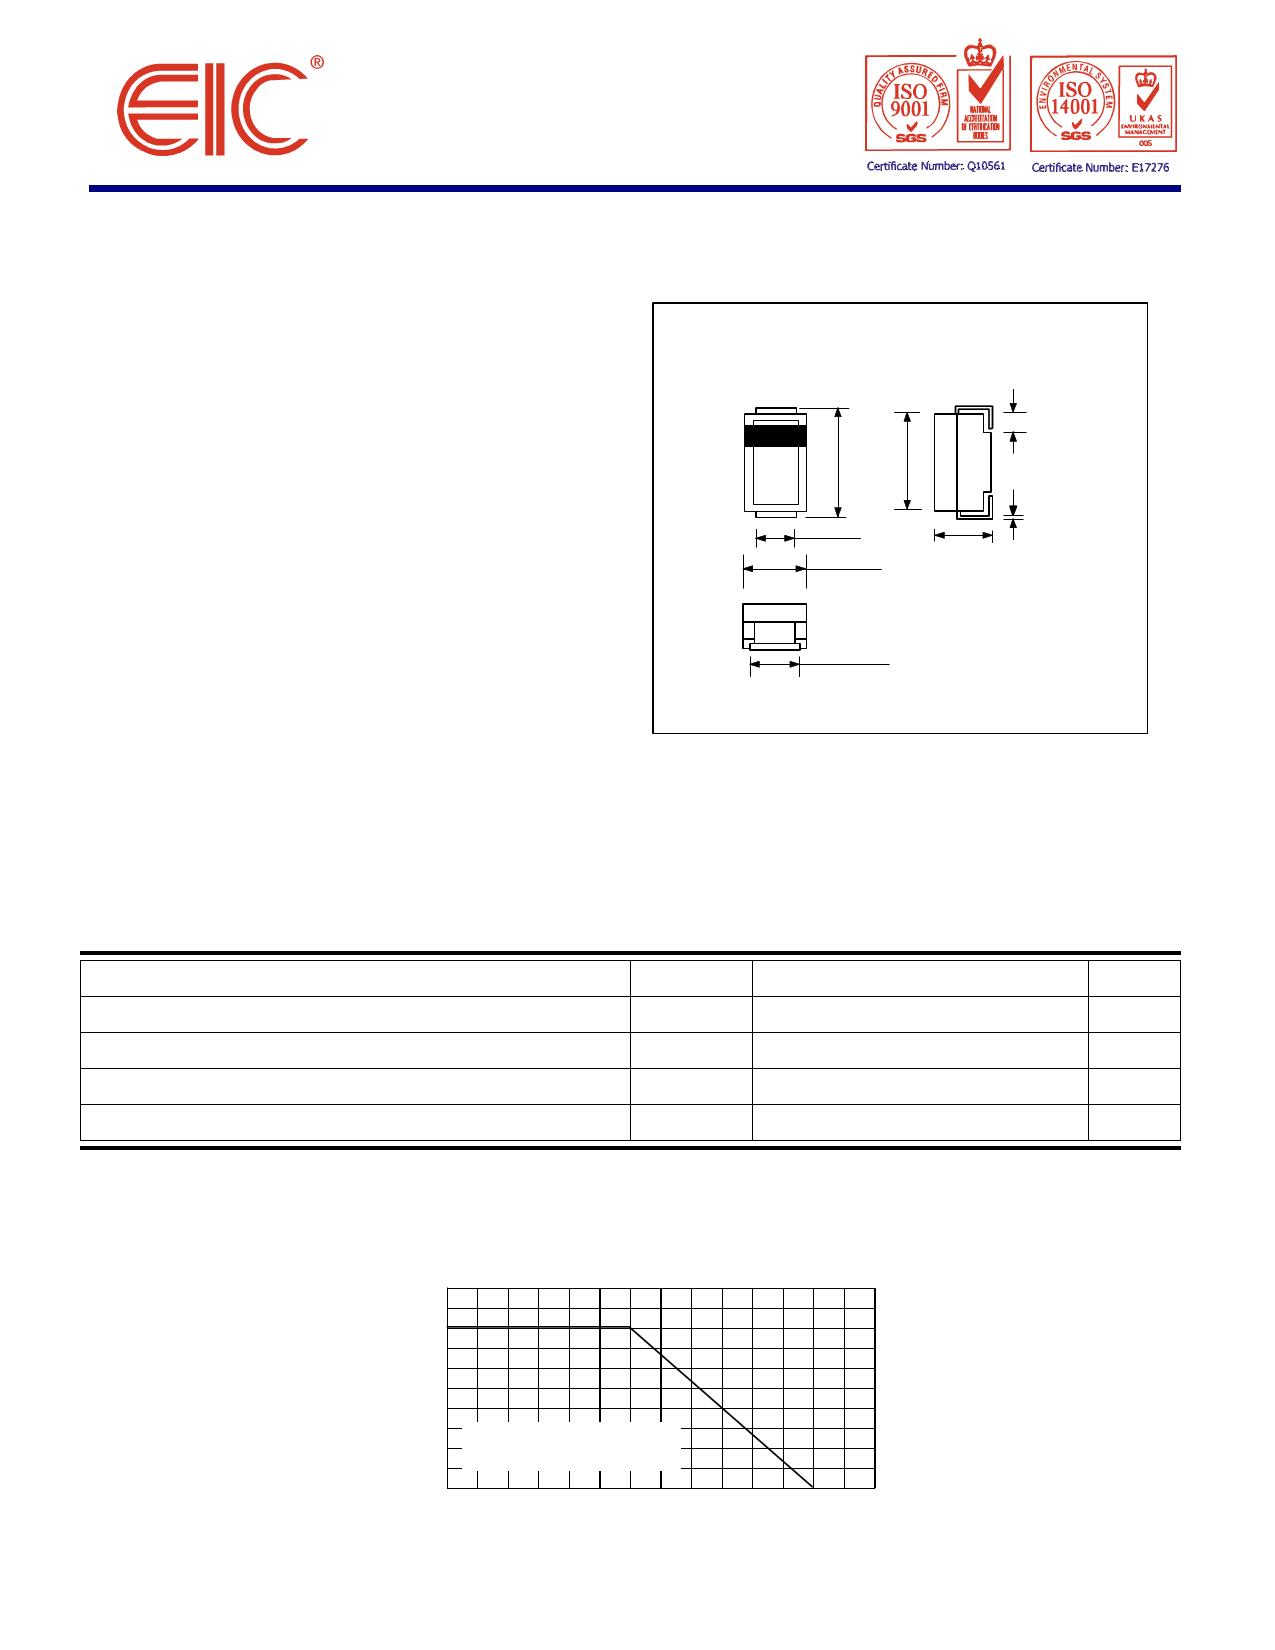 SZ40D0 datasheet, circuit